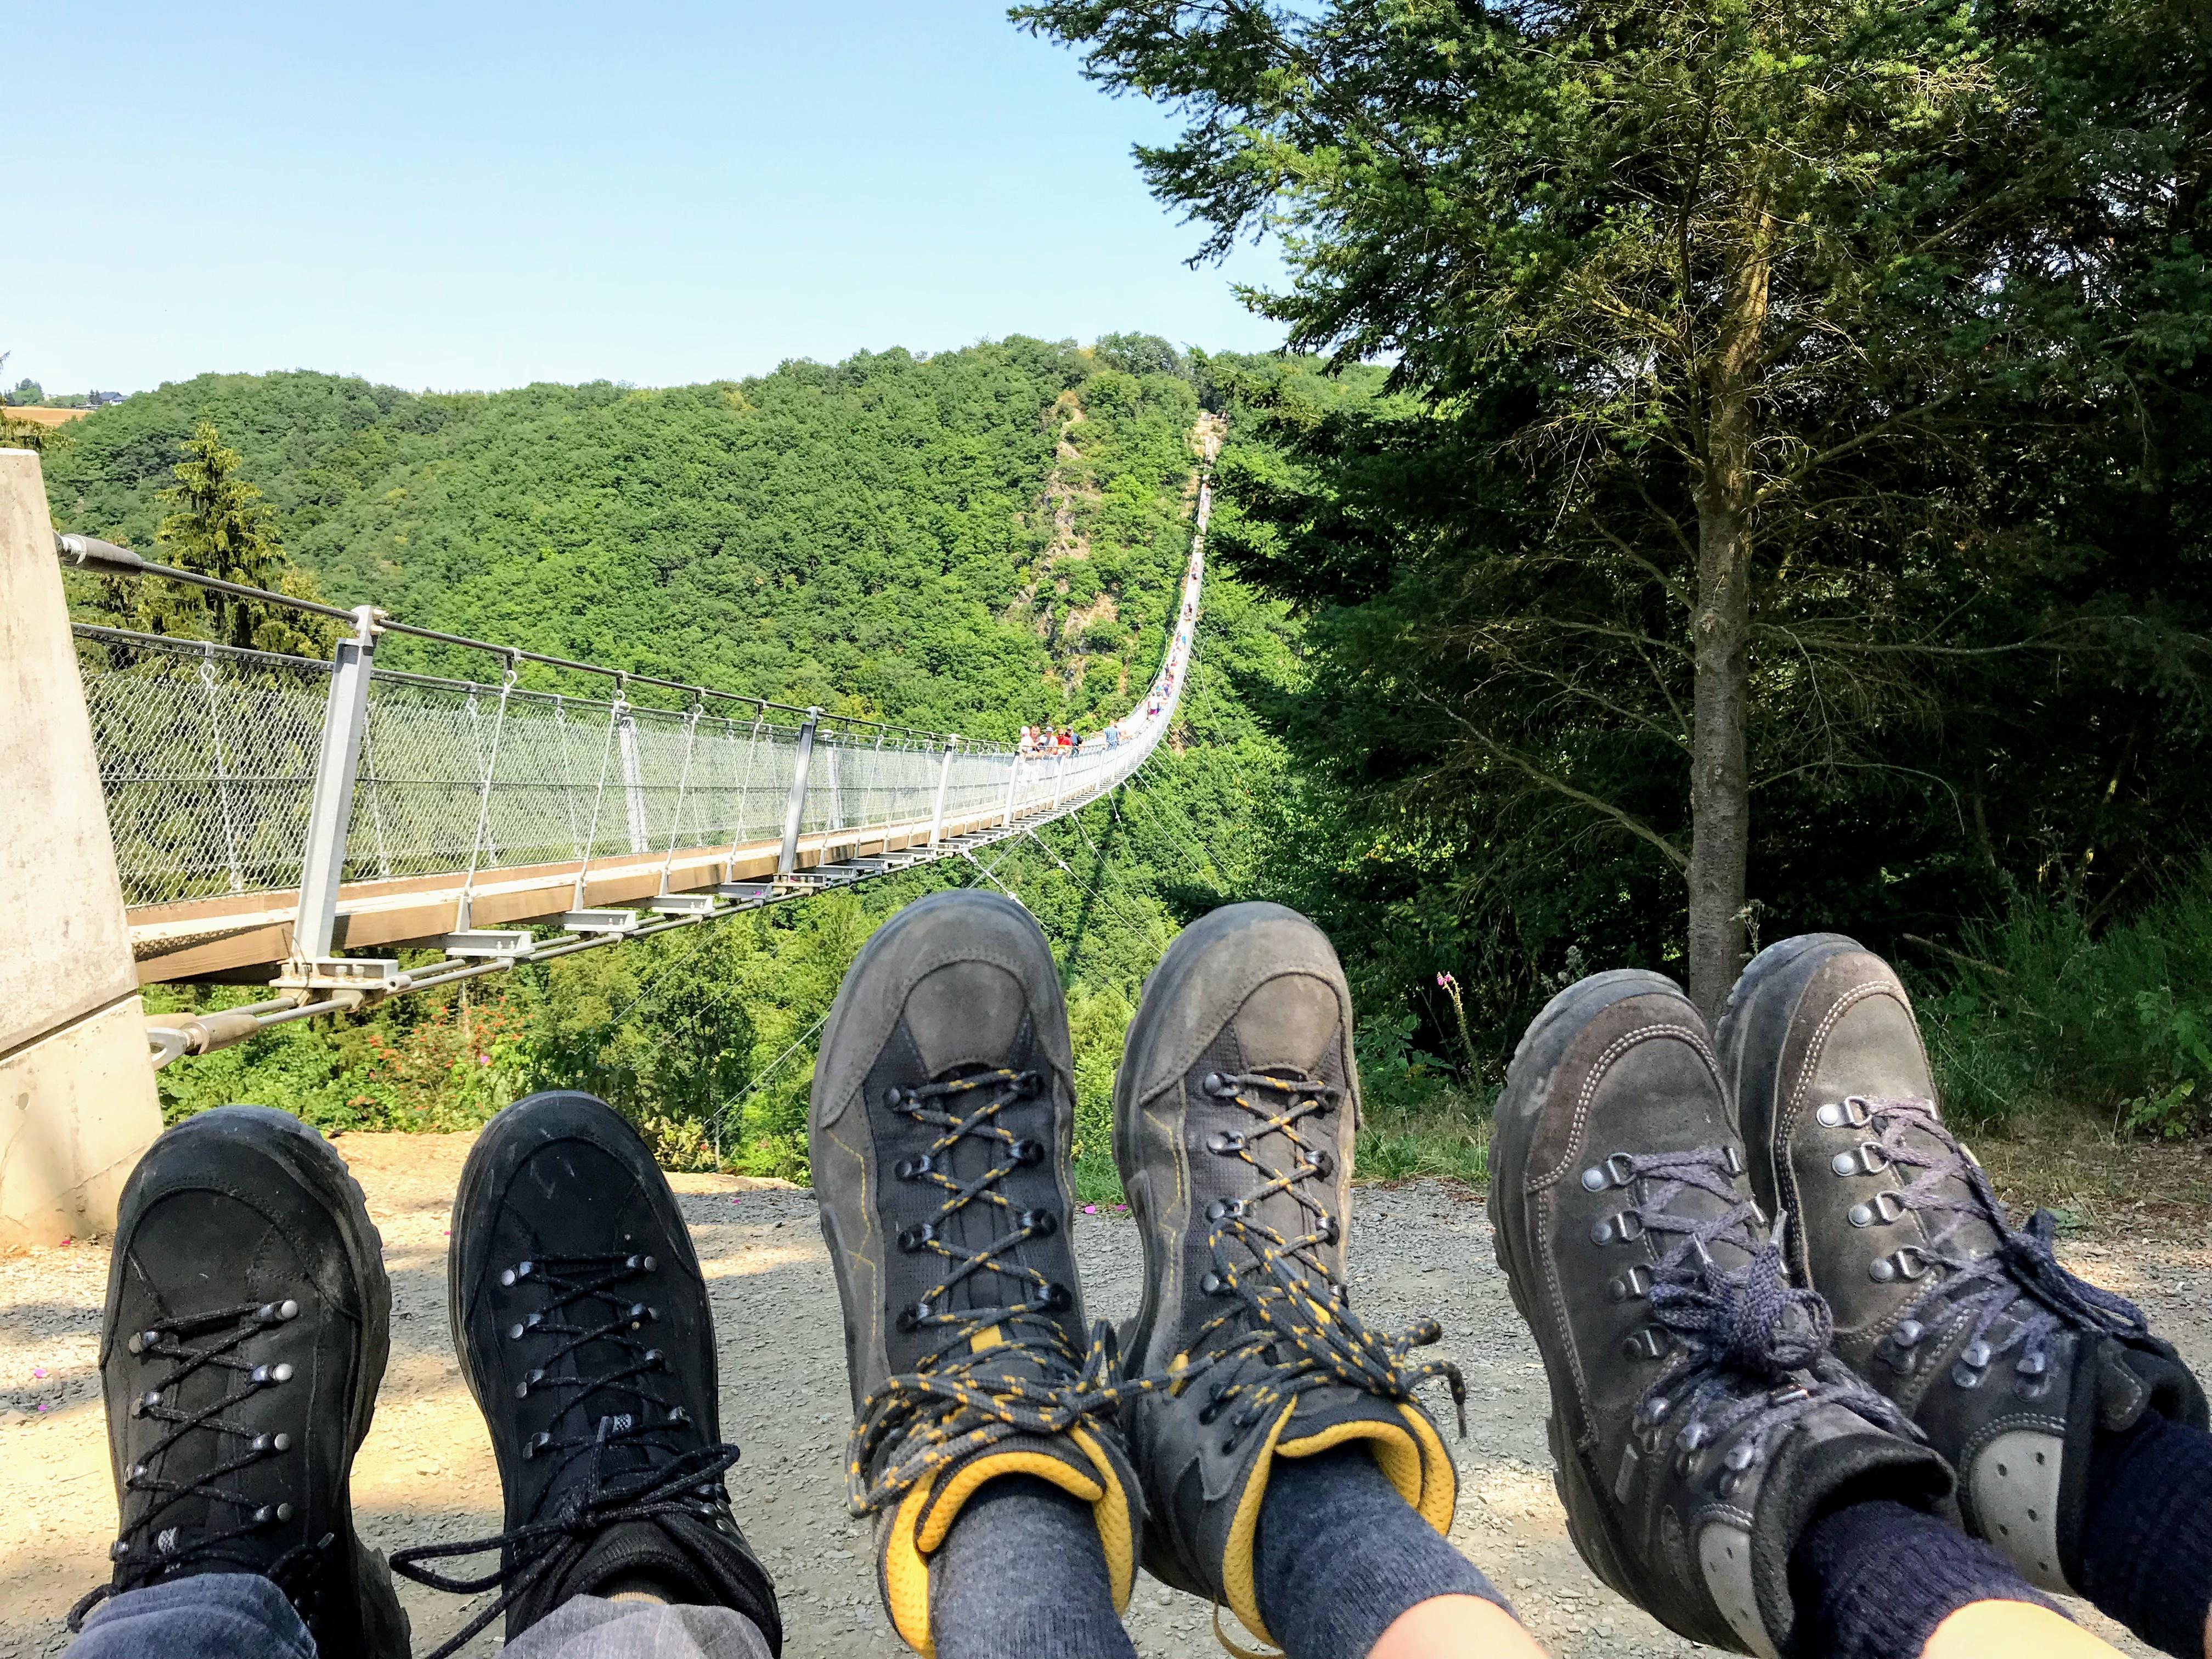 Wandeling Morsdorf Hangbrug aan de Moezel